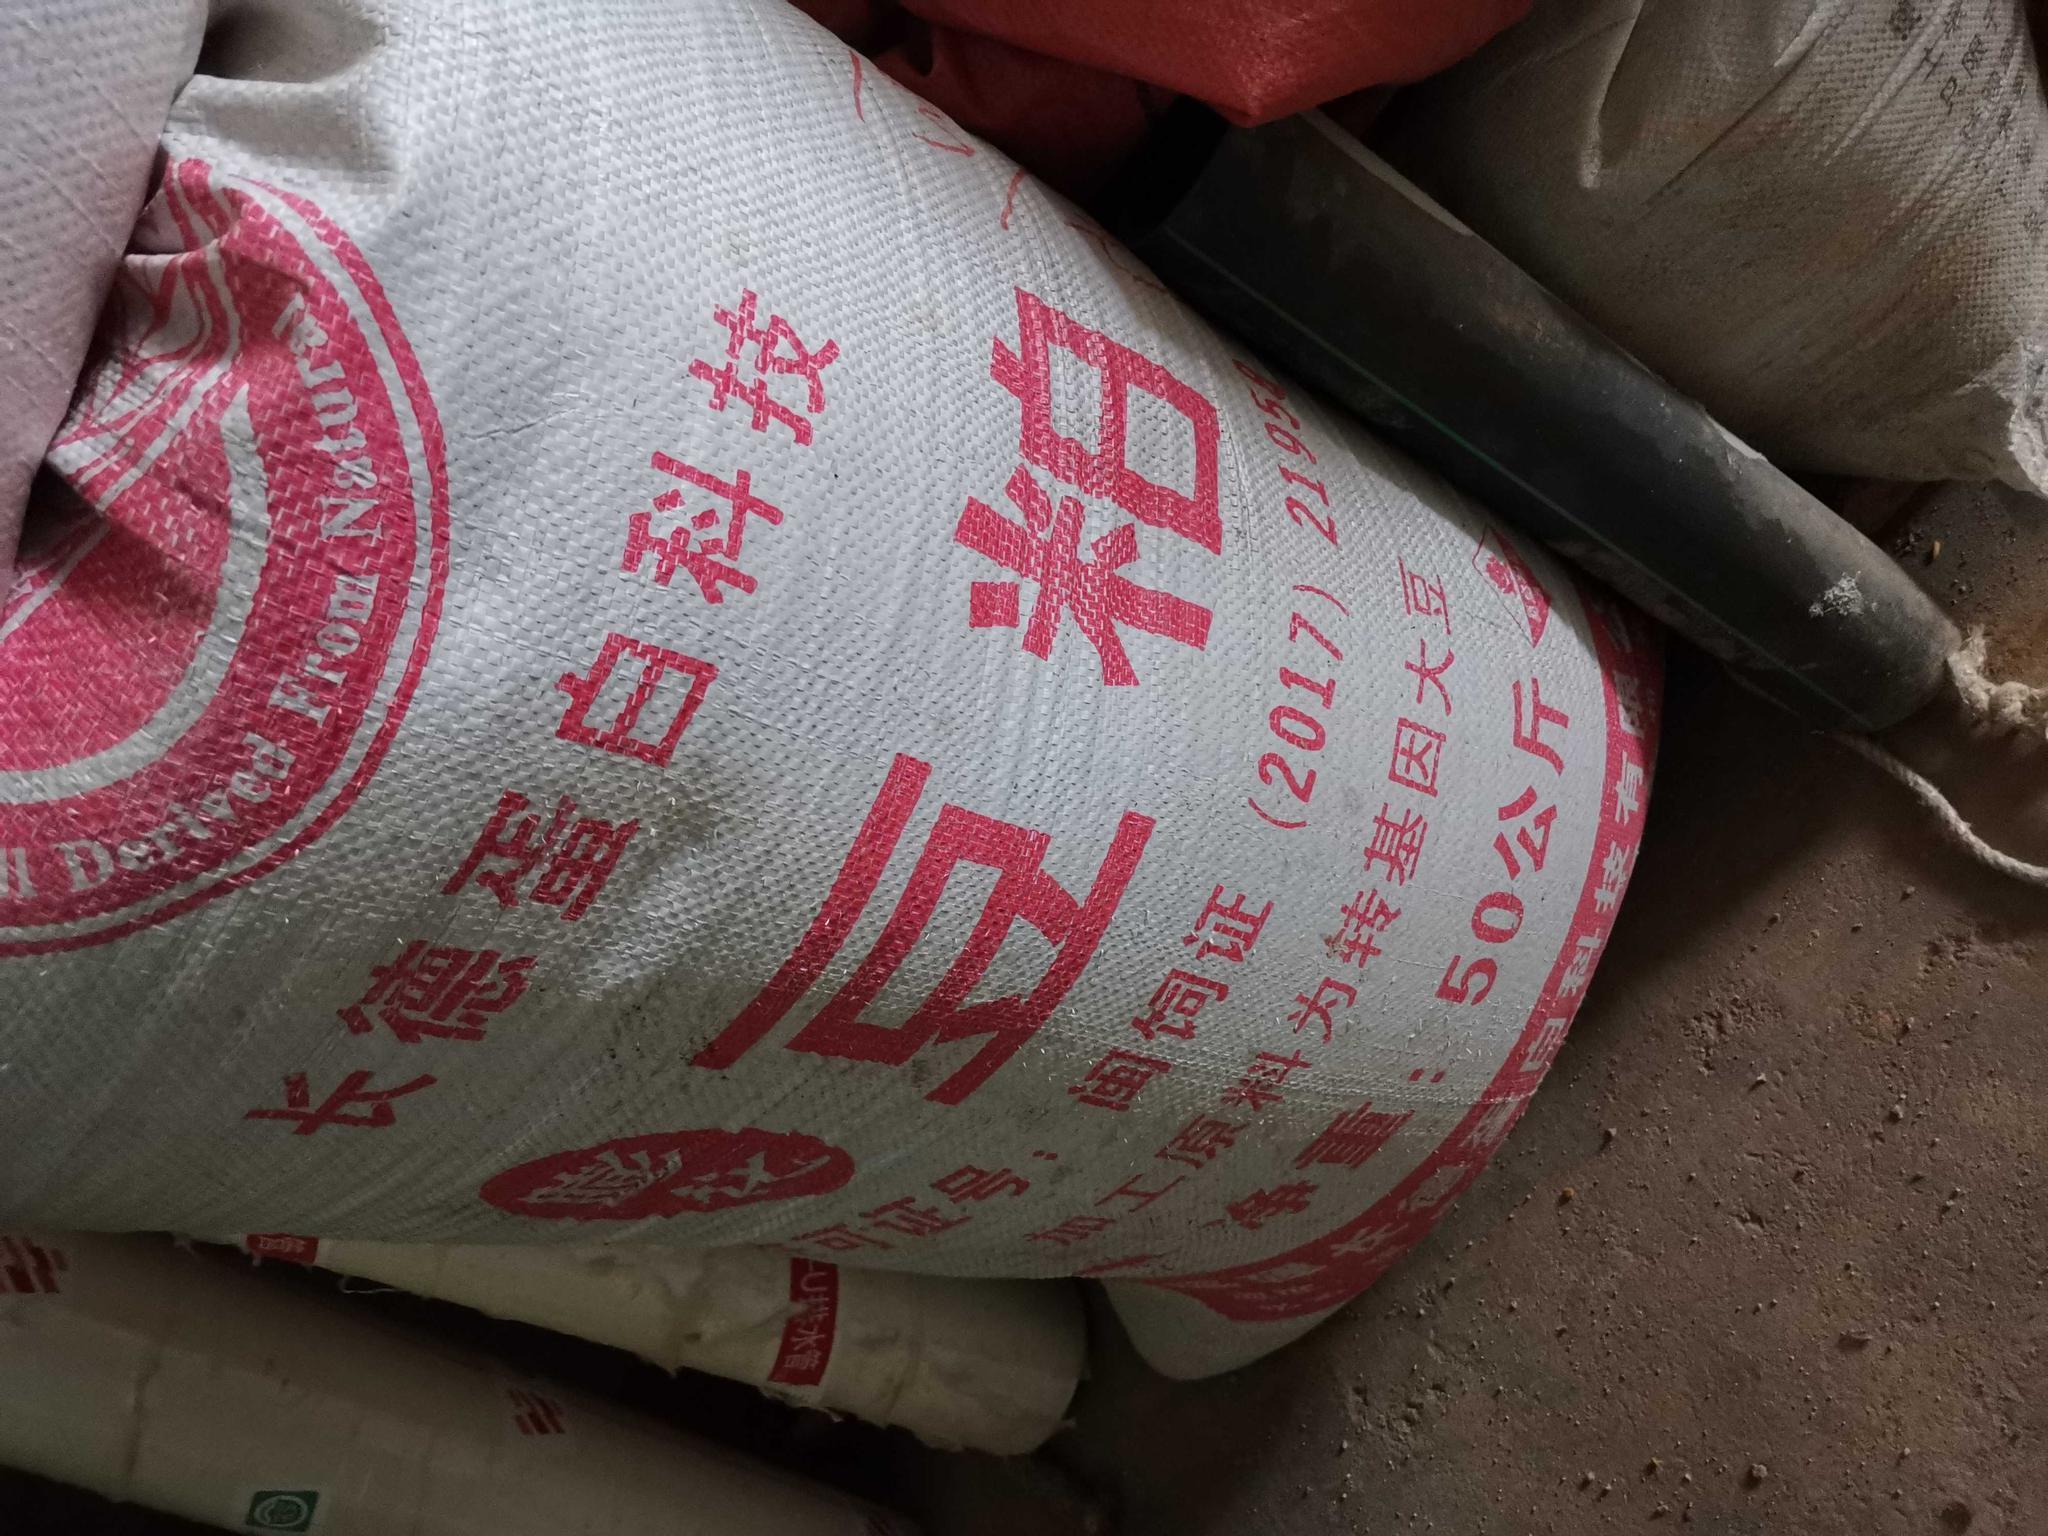 2021年春节见闻——一袋豆粕引起对饲料消费的浅思